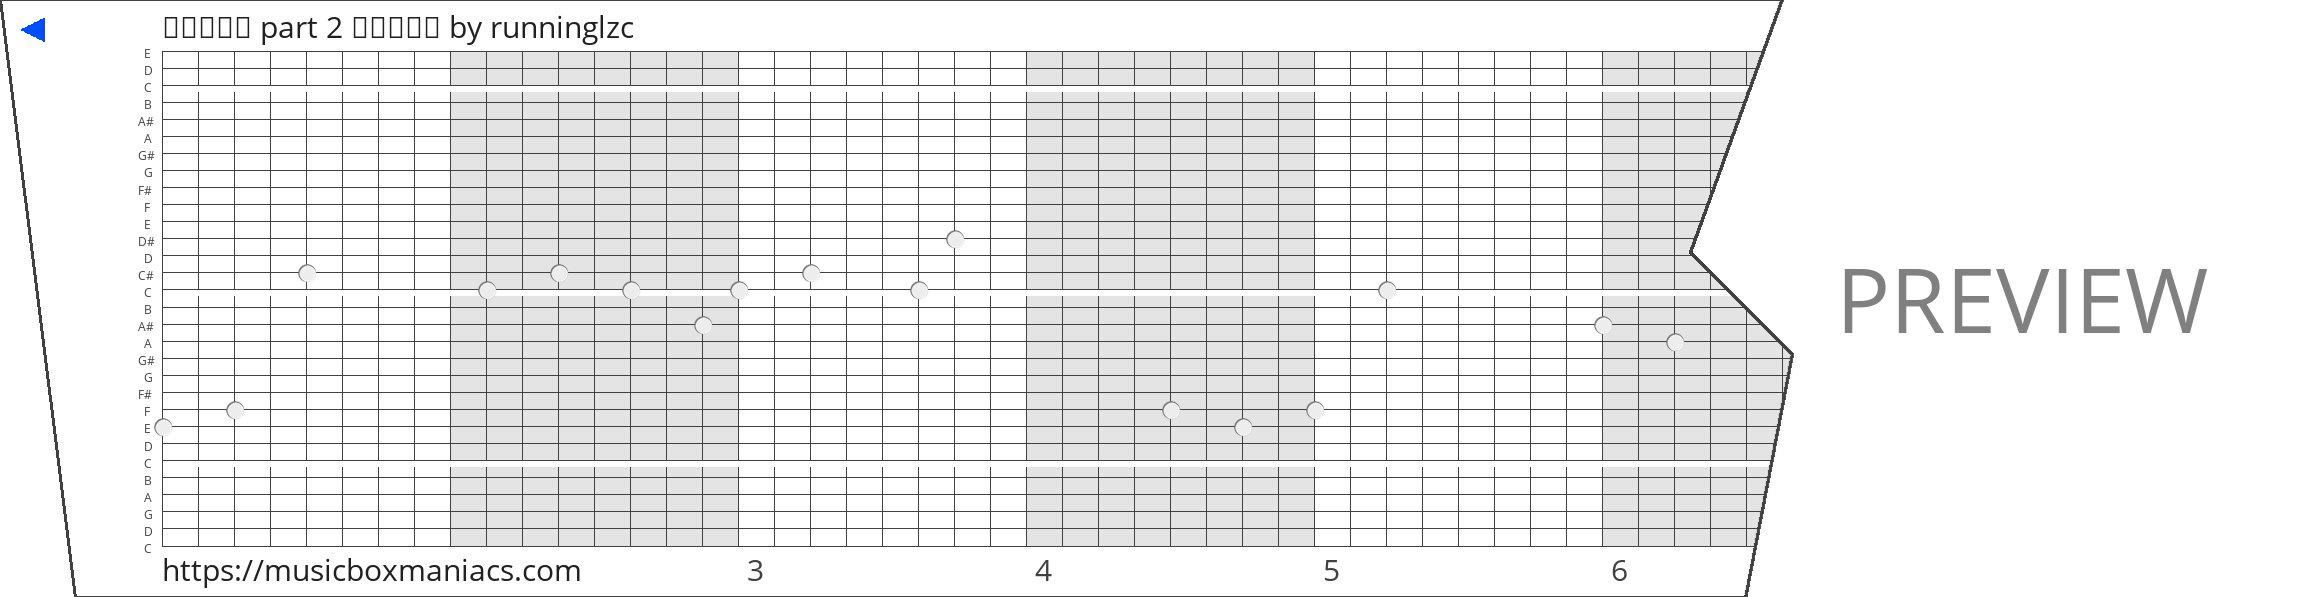 夜的第七章 part 2 【无编辑】 30 note music box paper strip